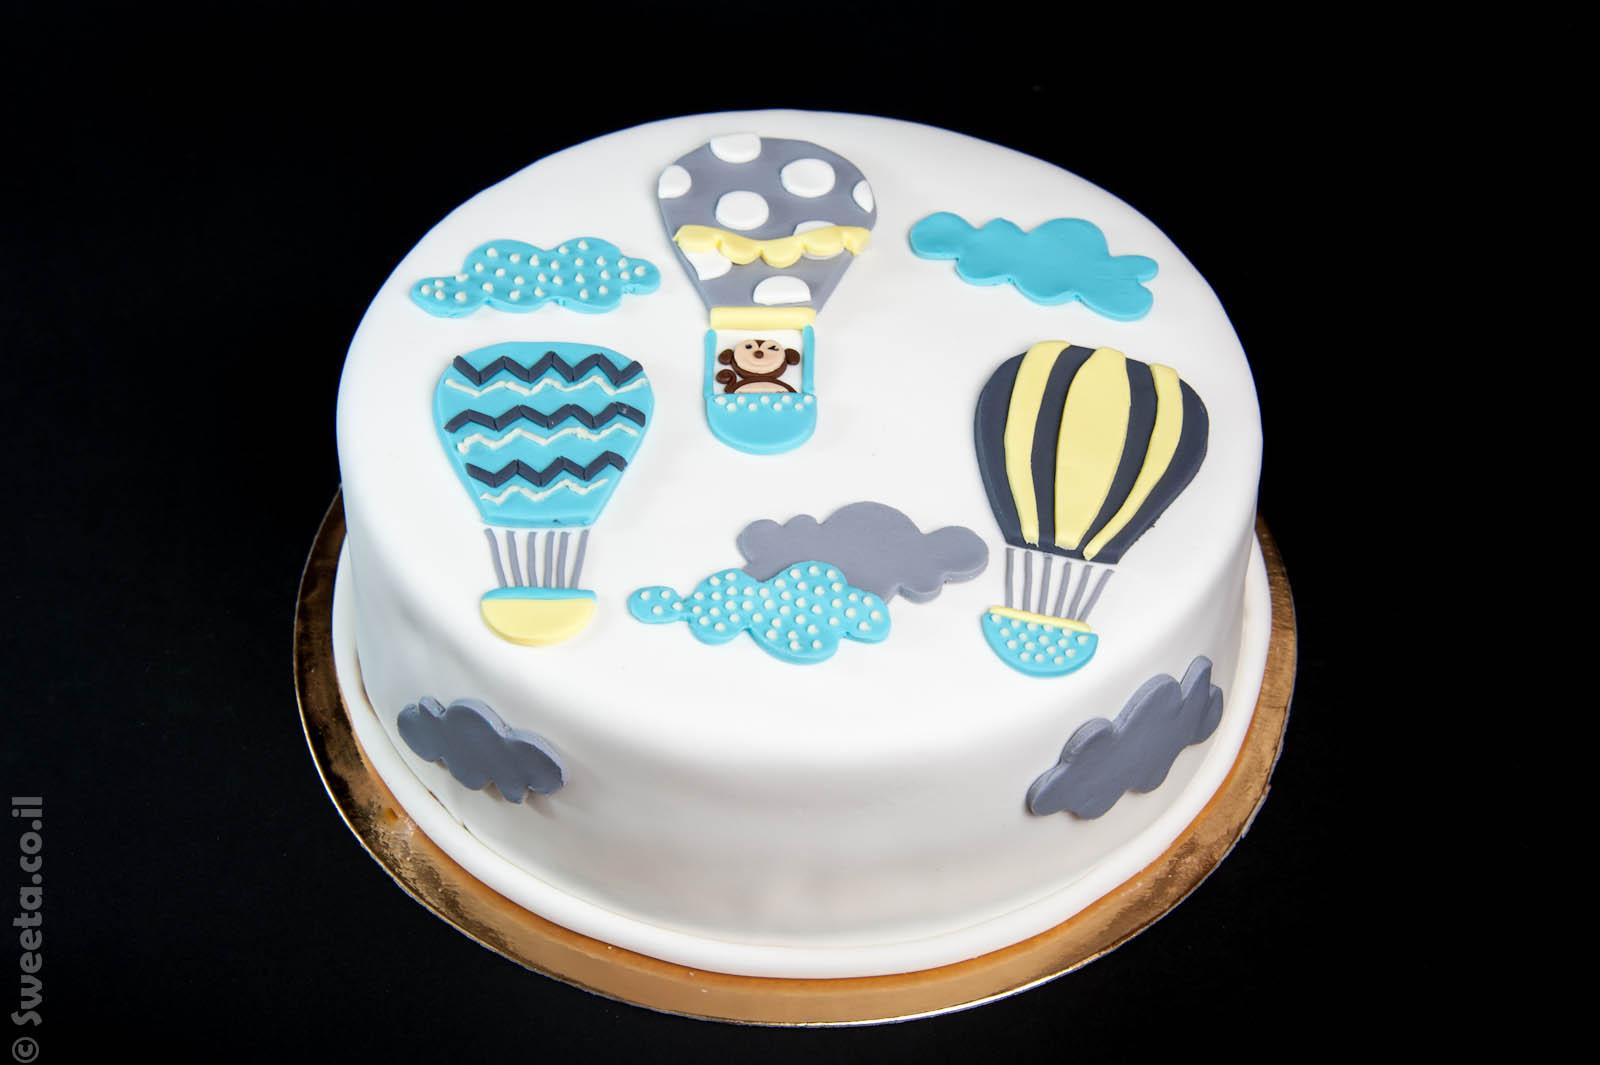 עוגה של כדורים פורחים מעוצבת בבצק סוכר מתנה ליולדת